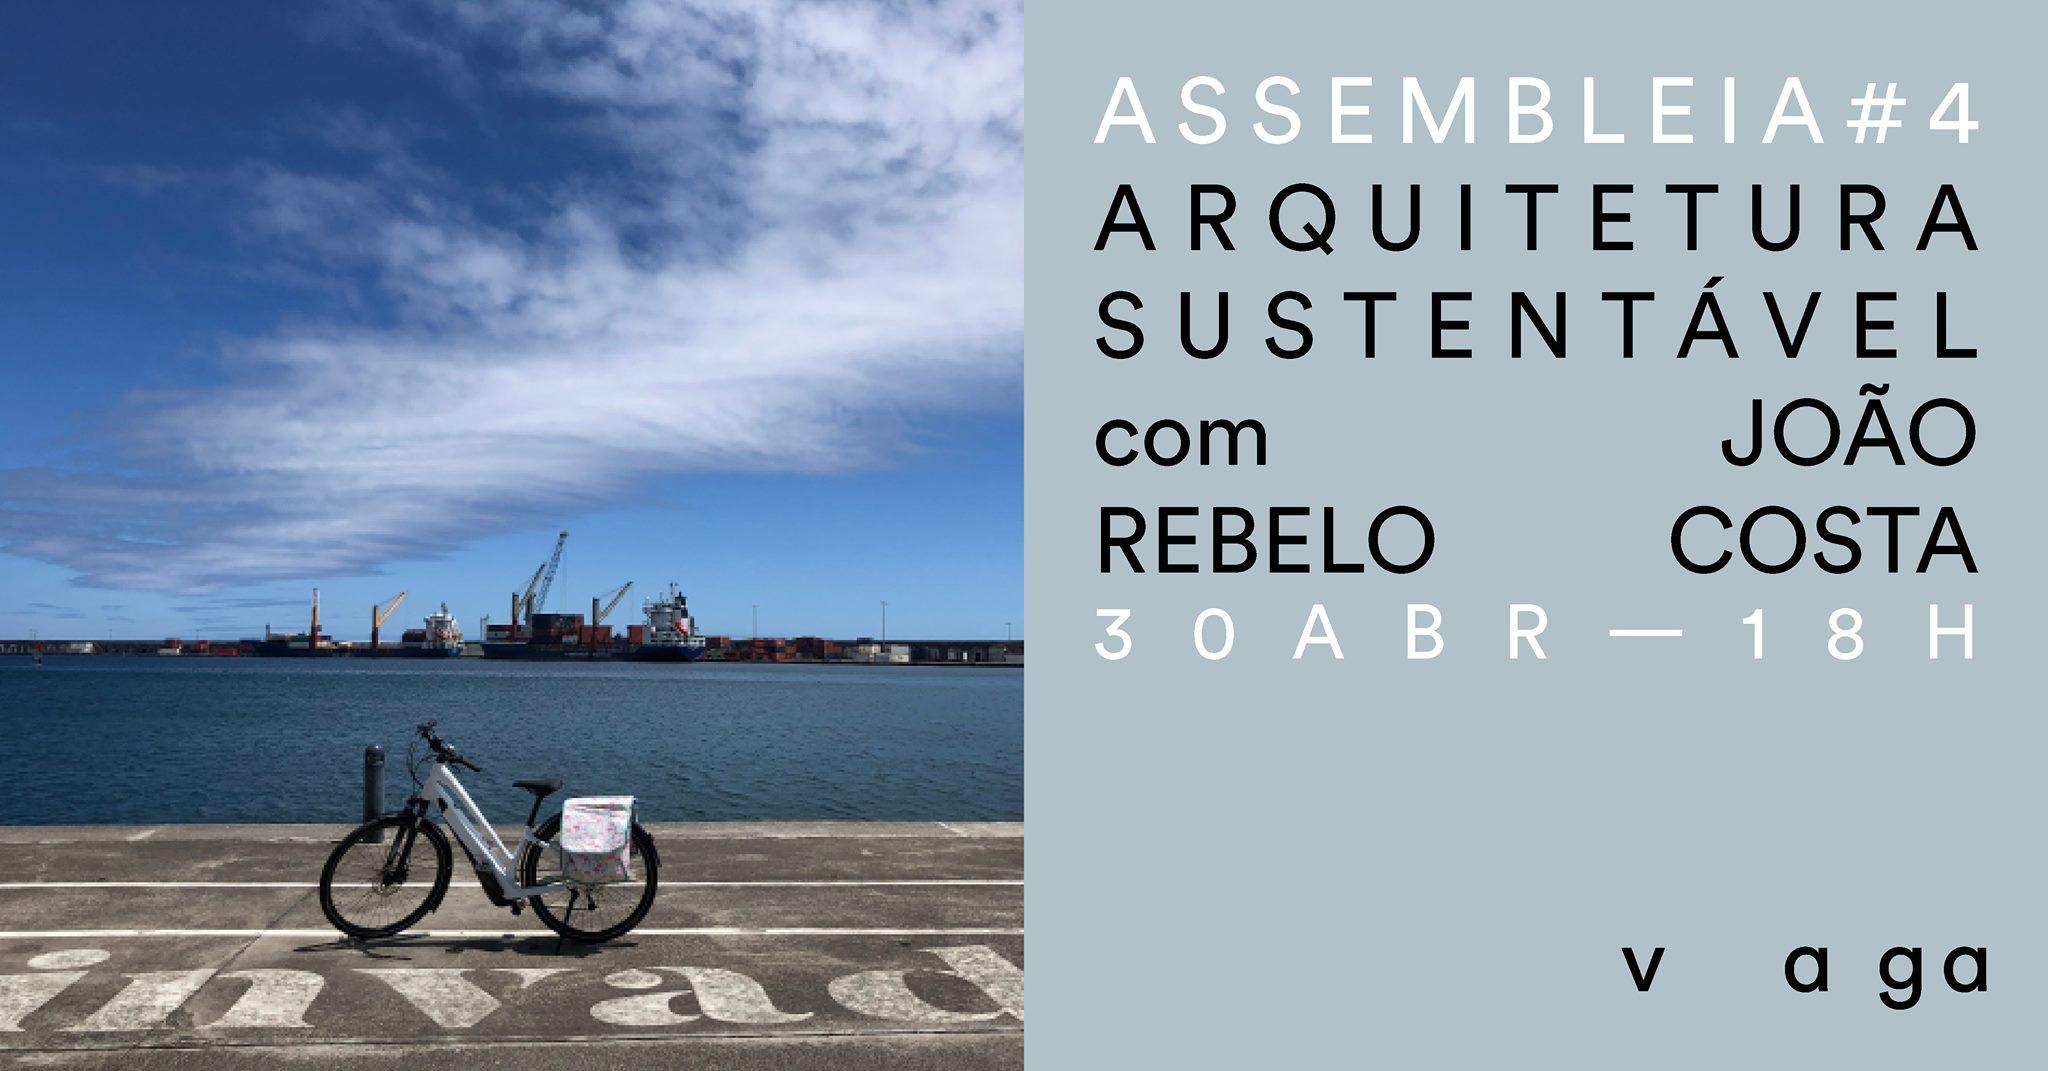 """Assembleia #4 - """"Arquitetura Sustentável"""" com João Rebelo Costa"""